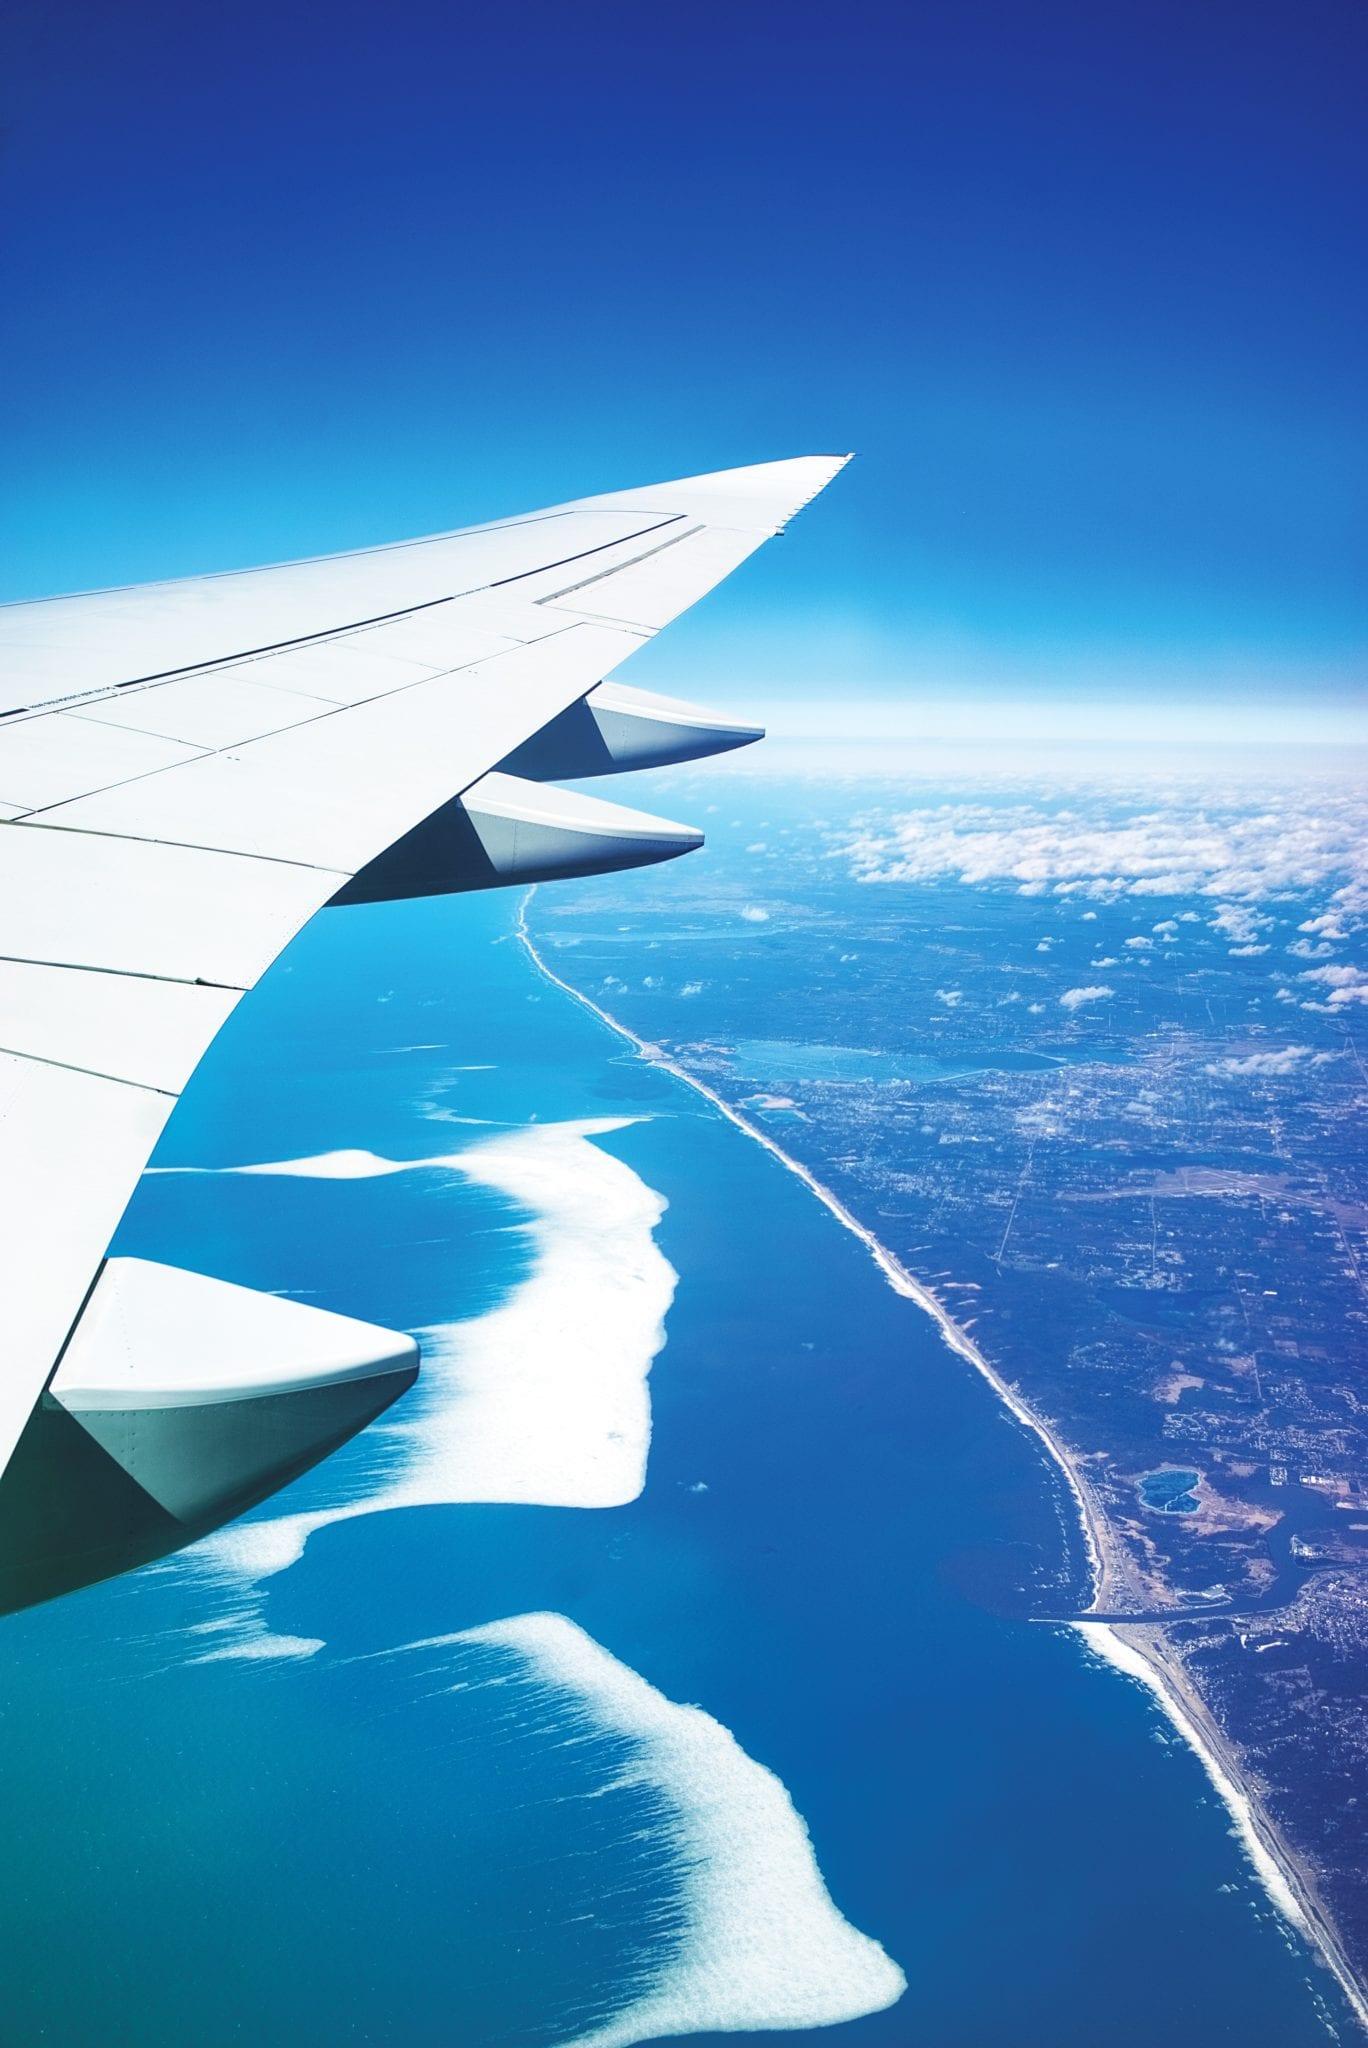 วิธีซื้อตั๋วเครื่องบิน ซื้อตั๋วเครื่องบิน ค่าตั๋วเครื่องบิน เช็คเที่ยวบิน